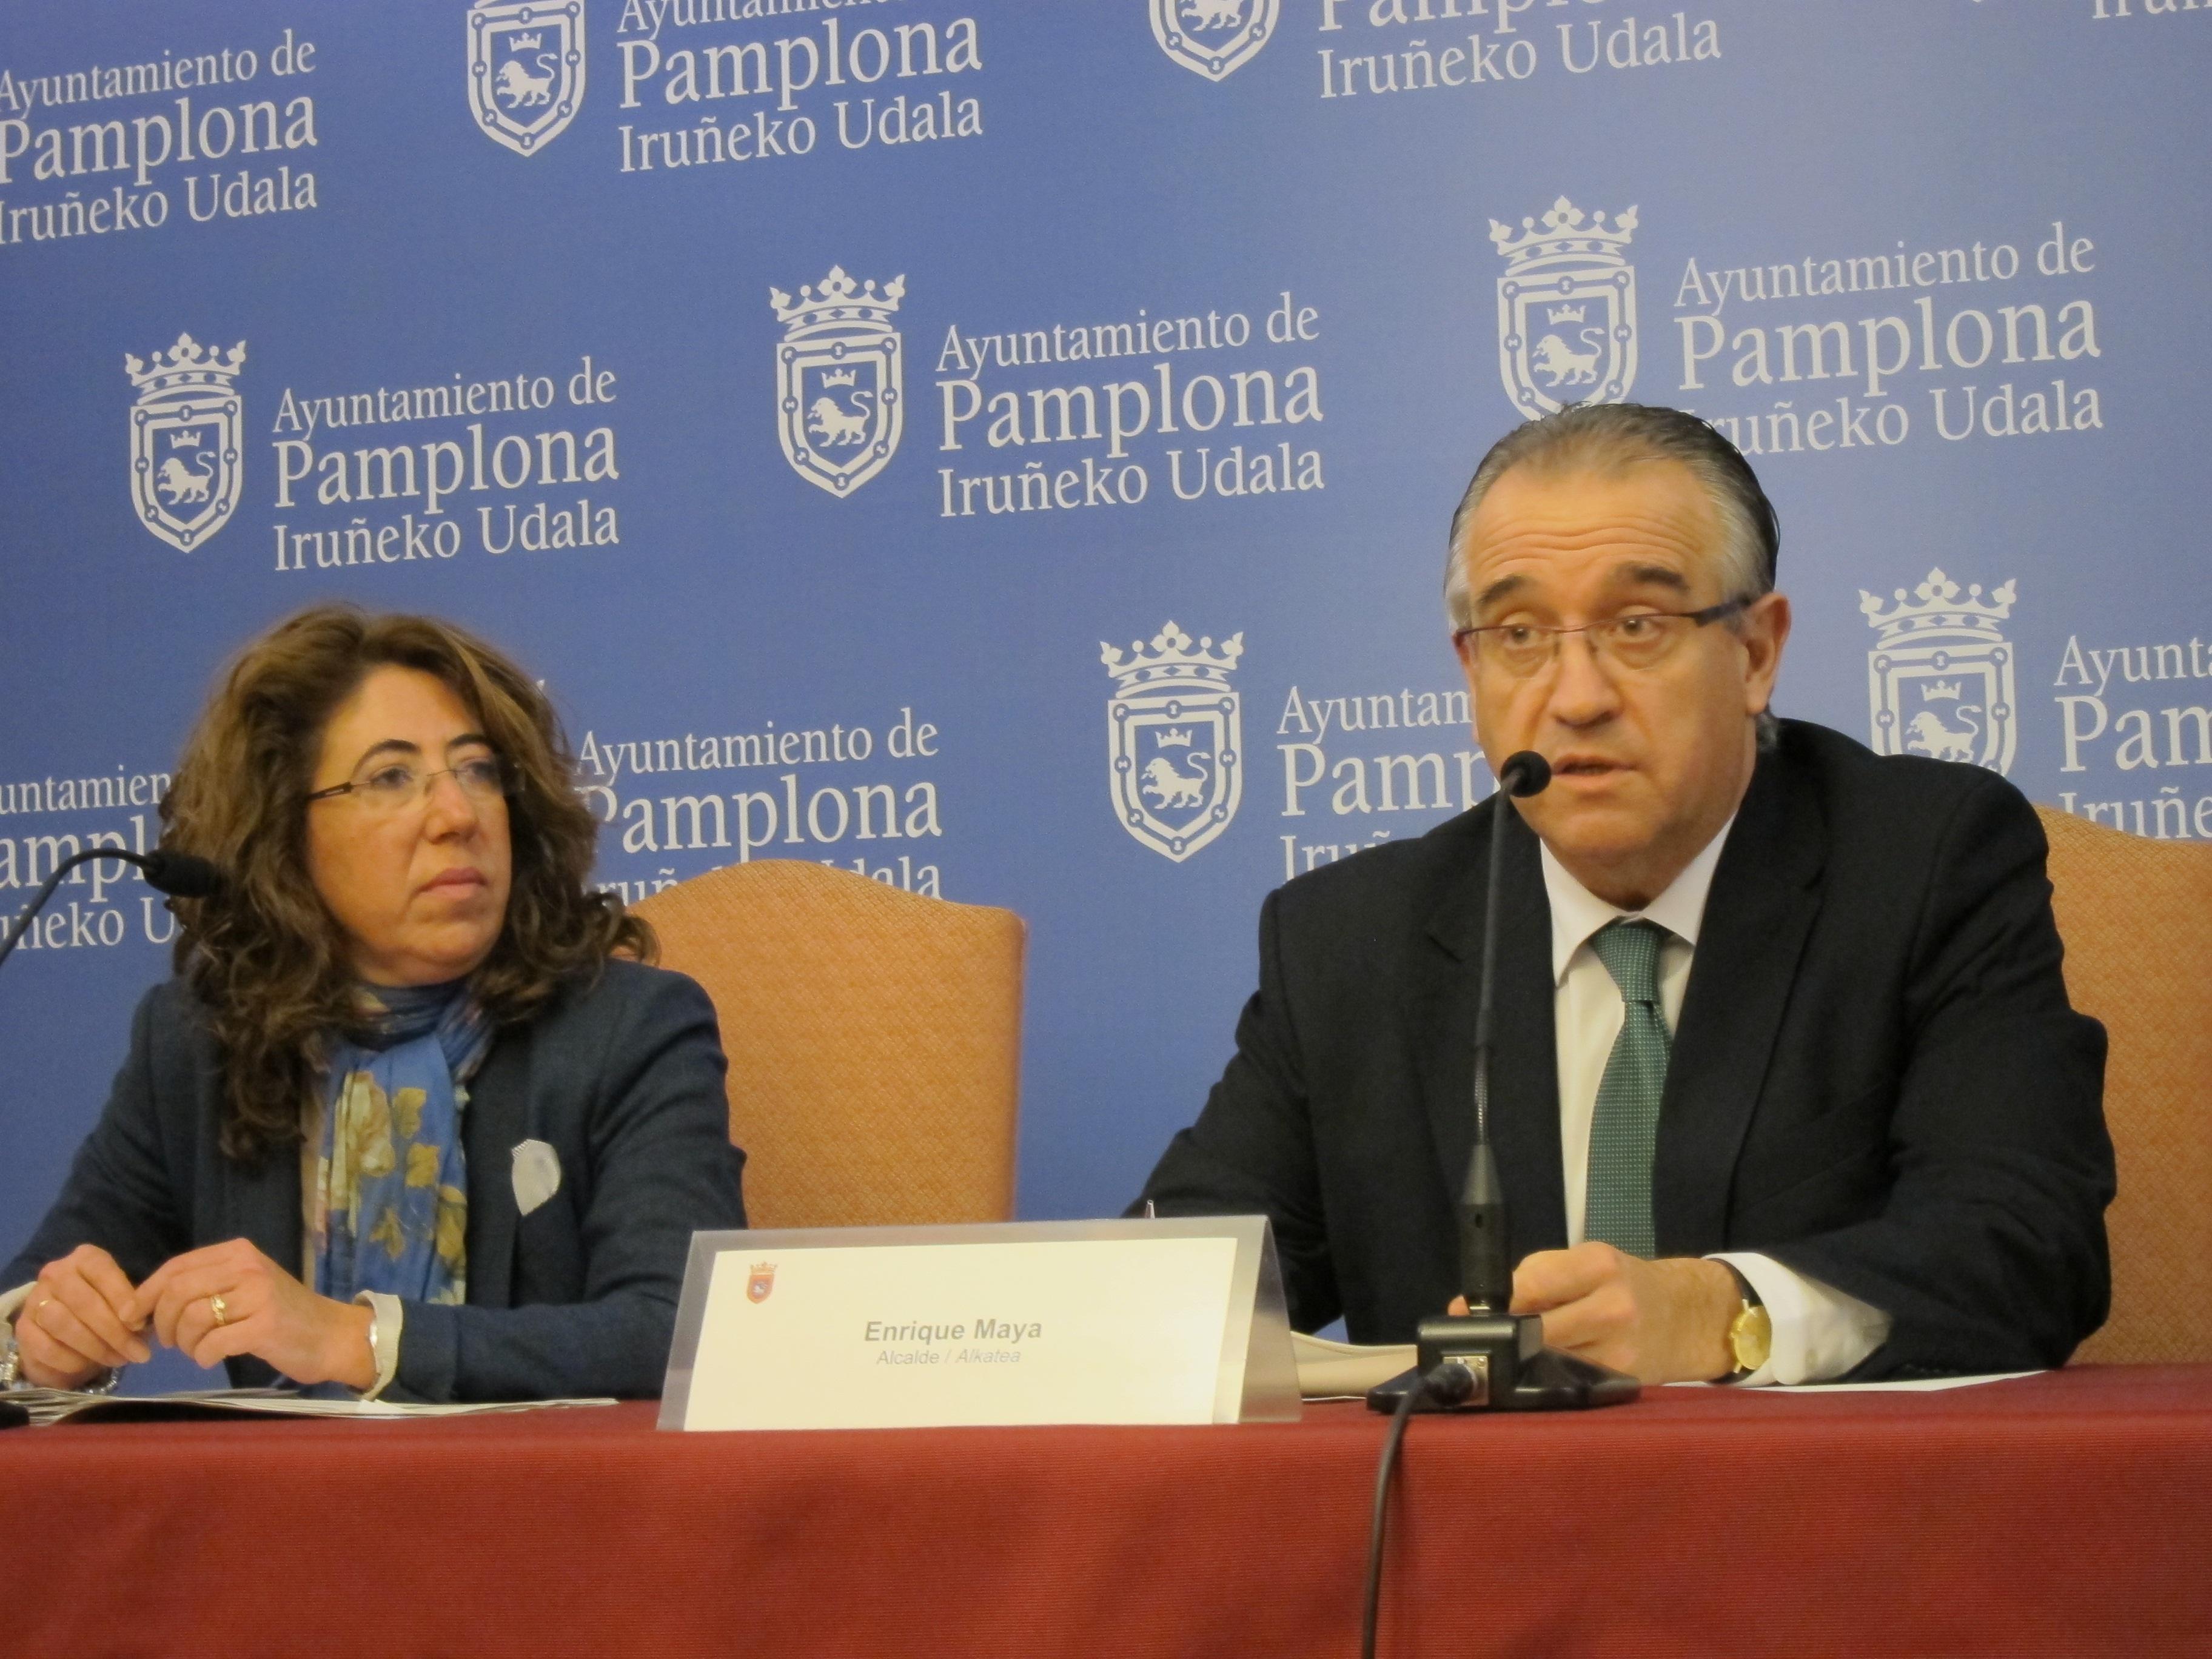 Las zonas comerciales de Pamplona contarán con mayor vigilancia policial contra los hurtos en Navidad